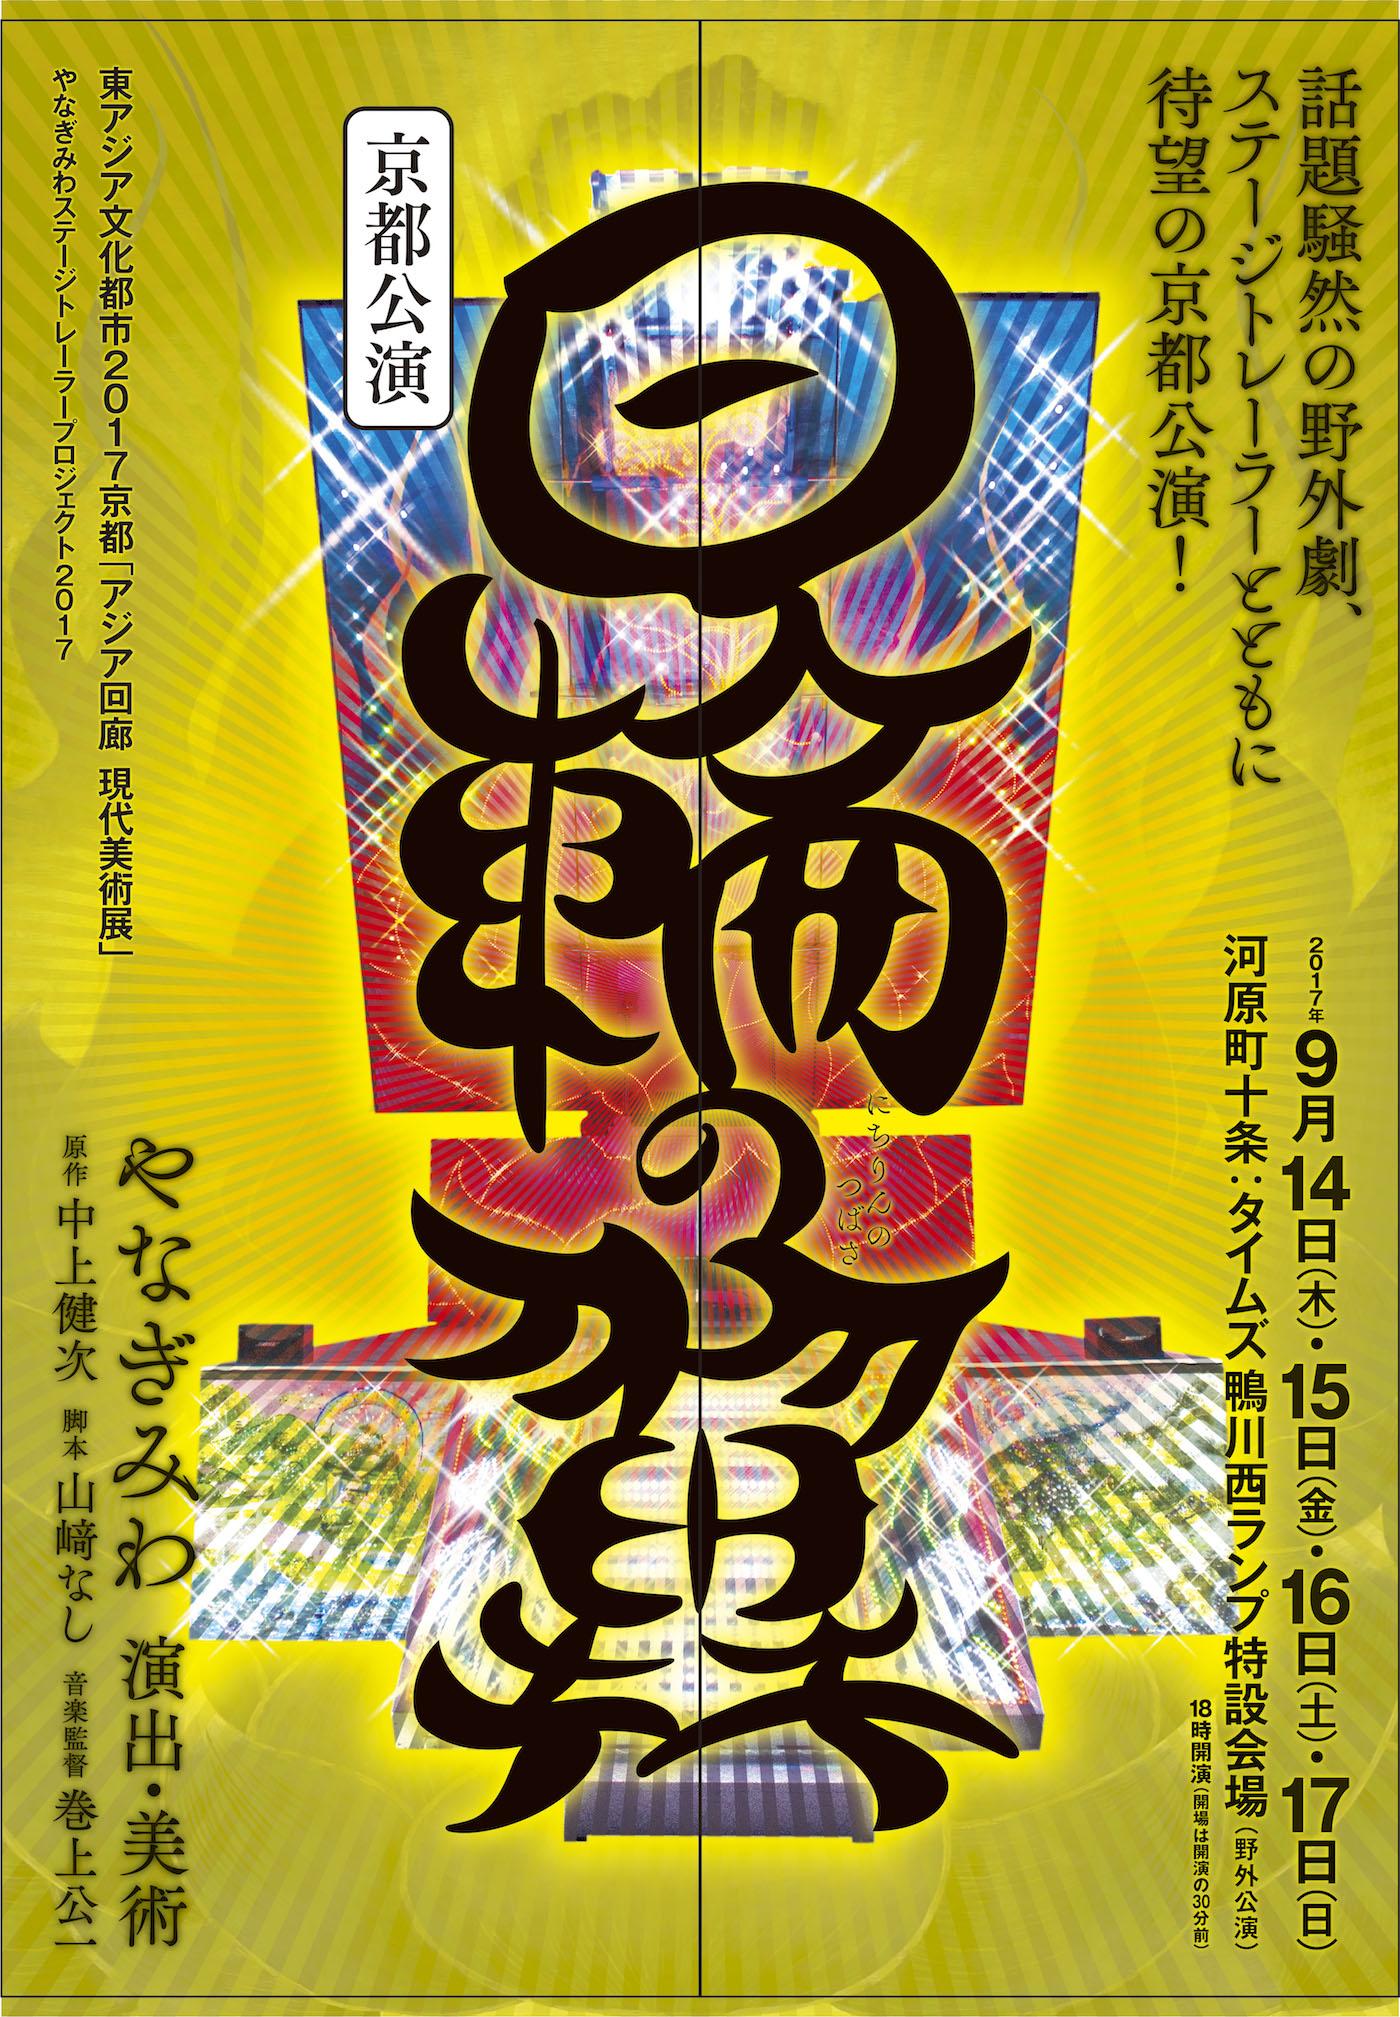 「日輪の翼」京都公演フライヤー表面